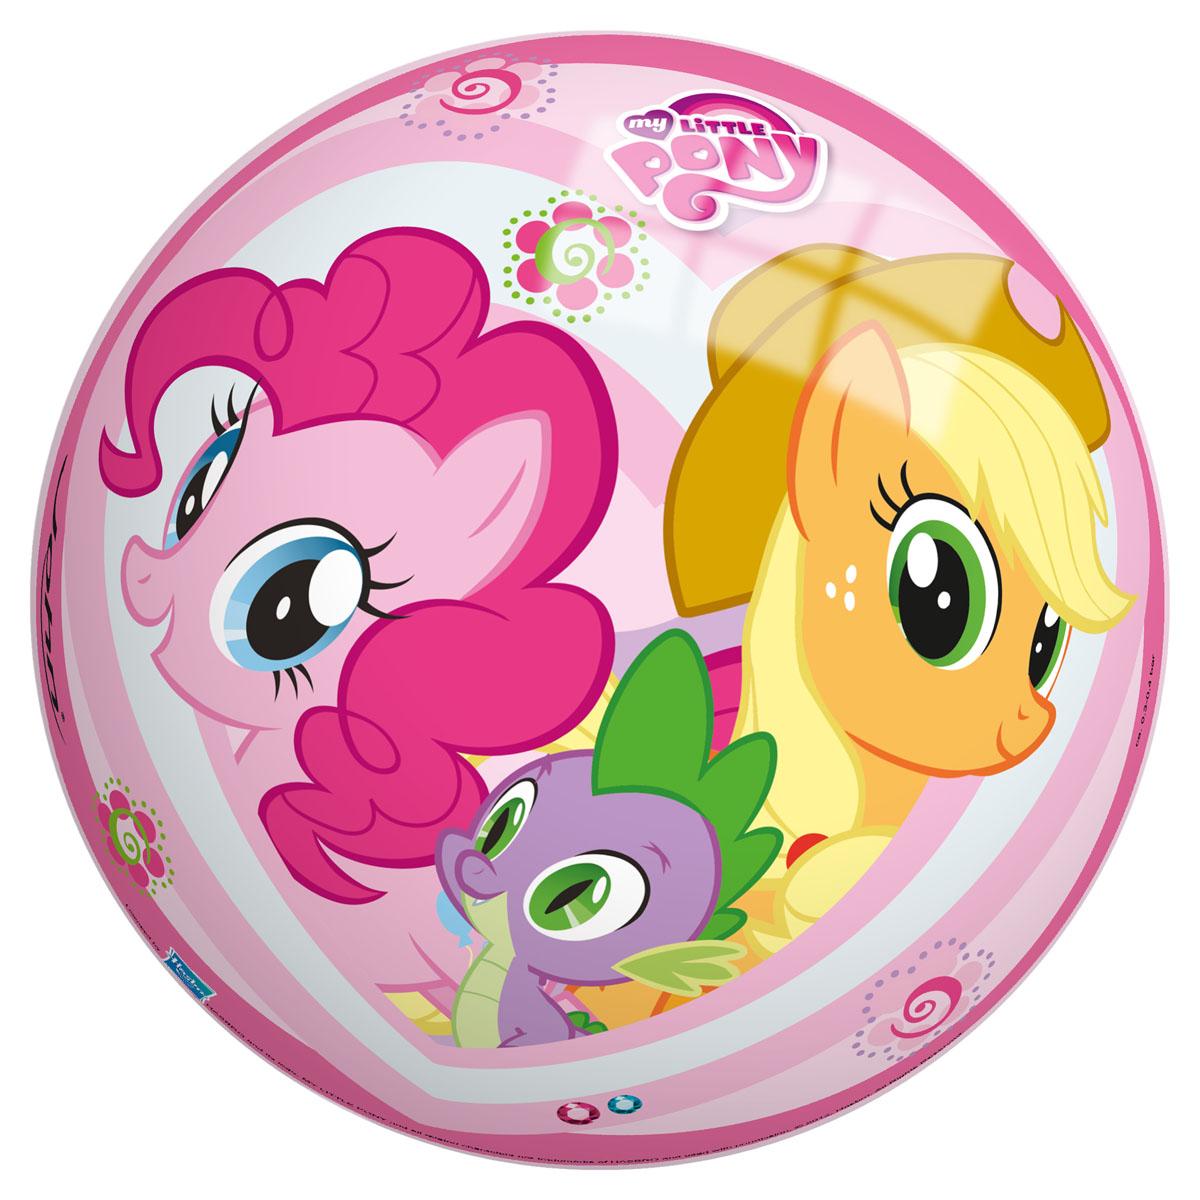 Мяч John Моя маленькая пони, 23 см54034/50034Яркий детский мяч John Моя маленькая пони - это игрушка для детей любого возраста. Он выполнен из ПВХ и оформлен изображением персонажей мультфильма My Little Pony. Мяч незаменим для любителей подвижных игр и активного отдыха, подходит для игр на воде. Игры с мячом развивают координацию движений, способствуют физическому развитию ребенка. УВАЖАЕМЫЕ КЛИЕНТЫ! Просим вас обратить внимание на тот факт, что мяч поставляется в сдутом виде и надувается при помощи насоса (насос не входит в комплект).